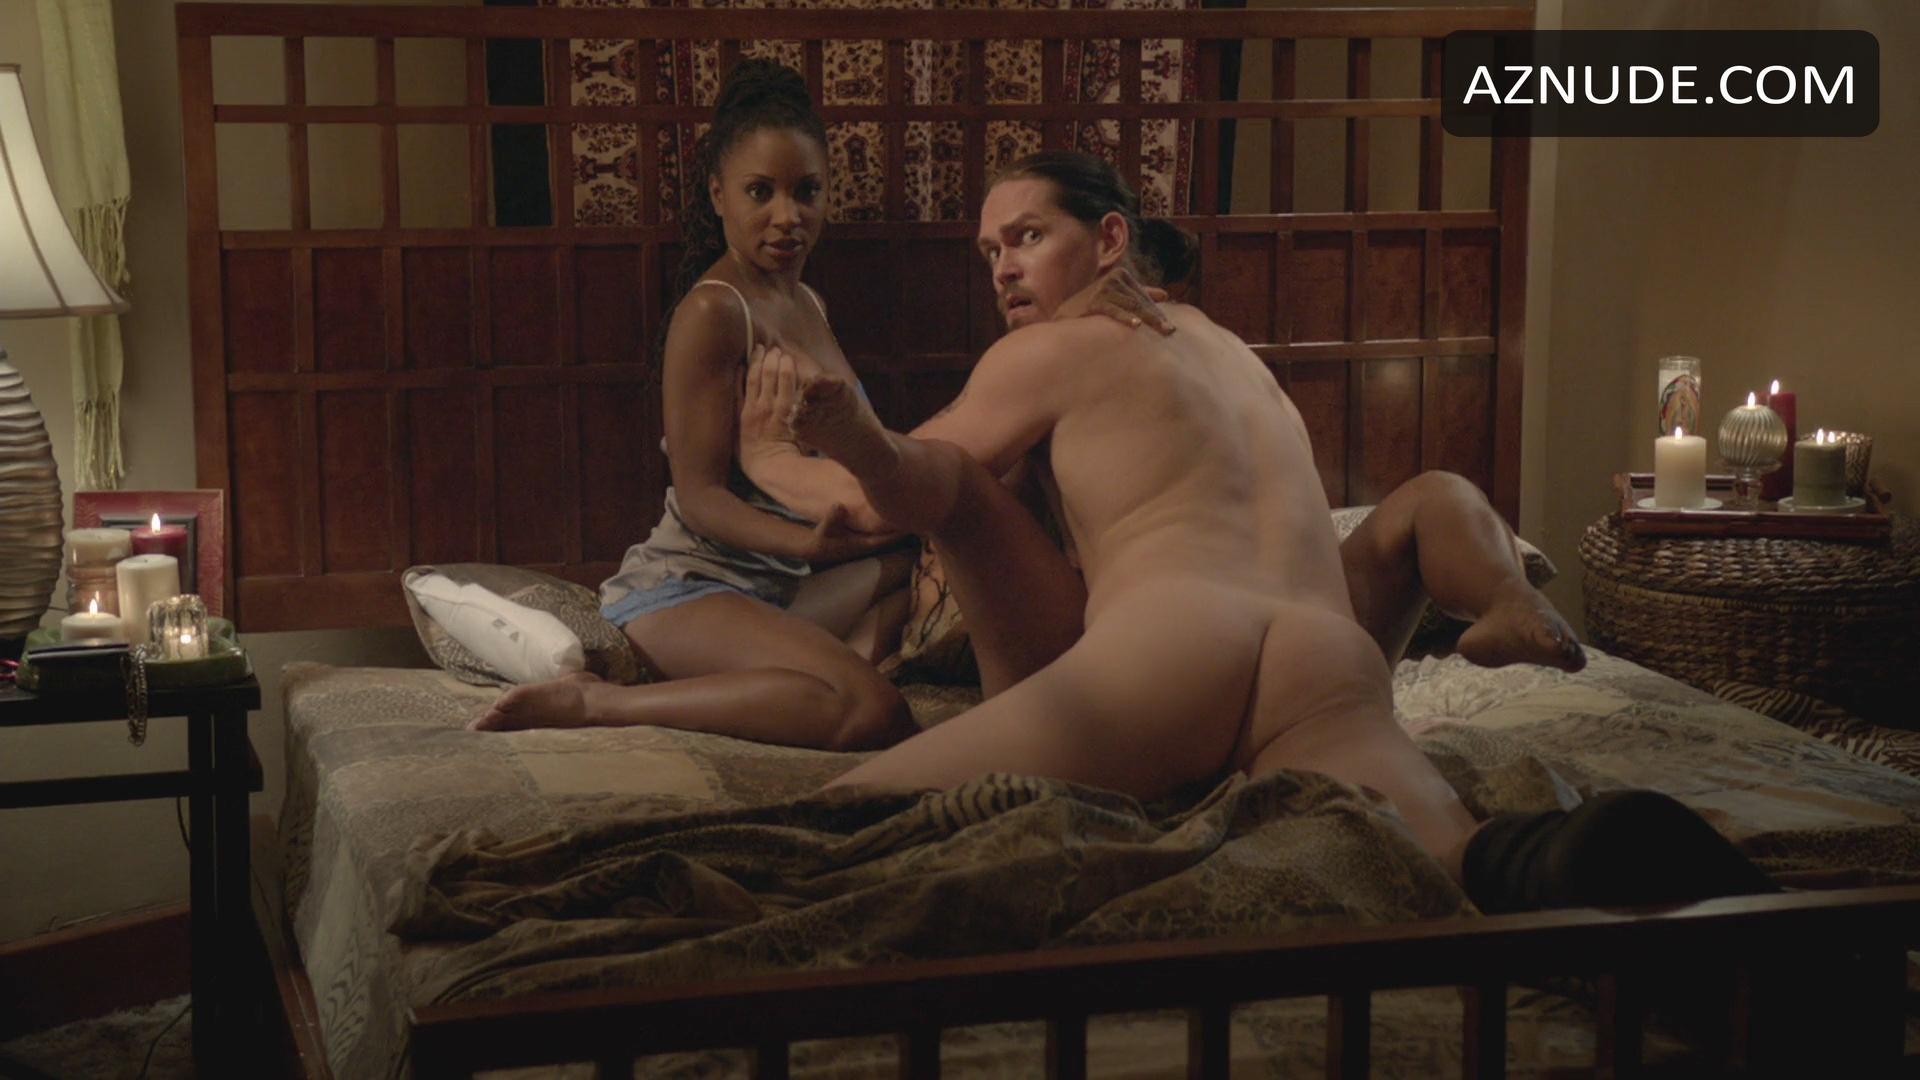 shameless male nudity scenes